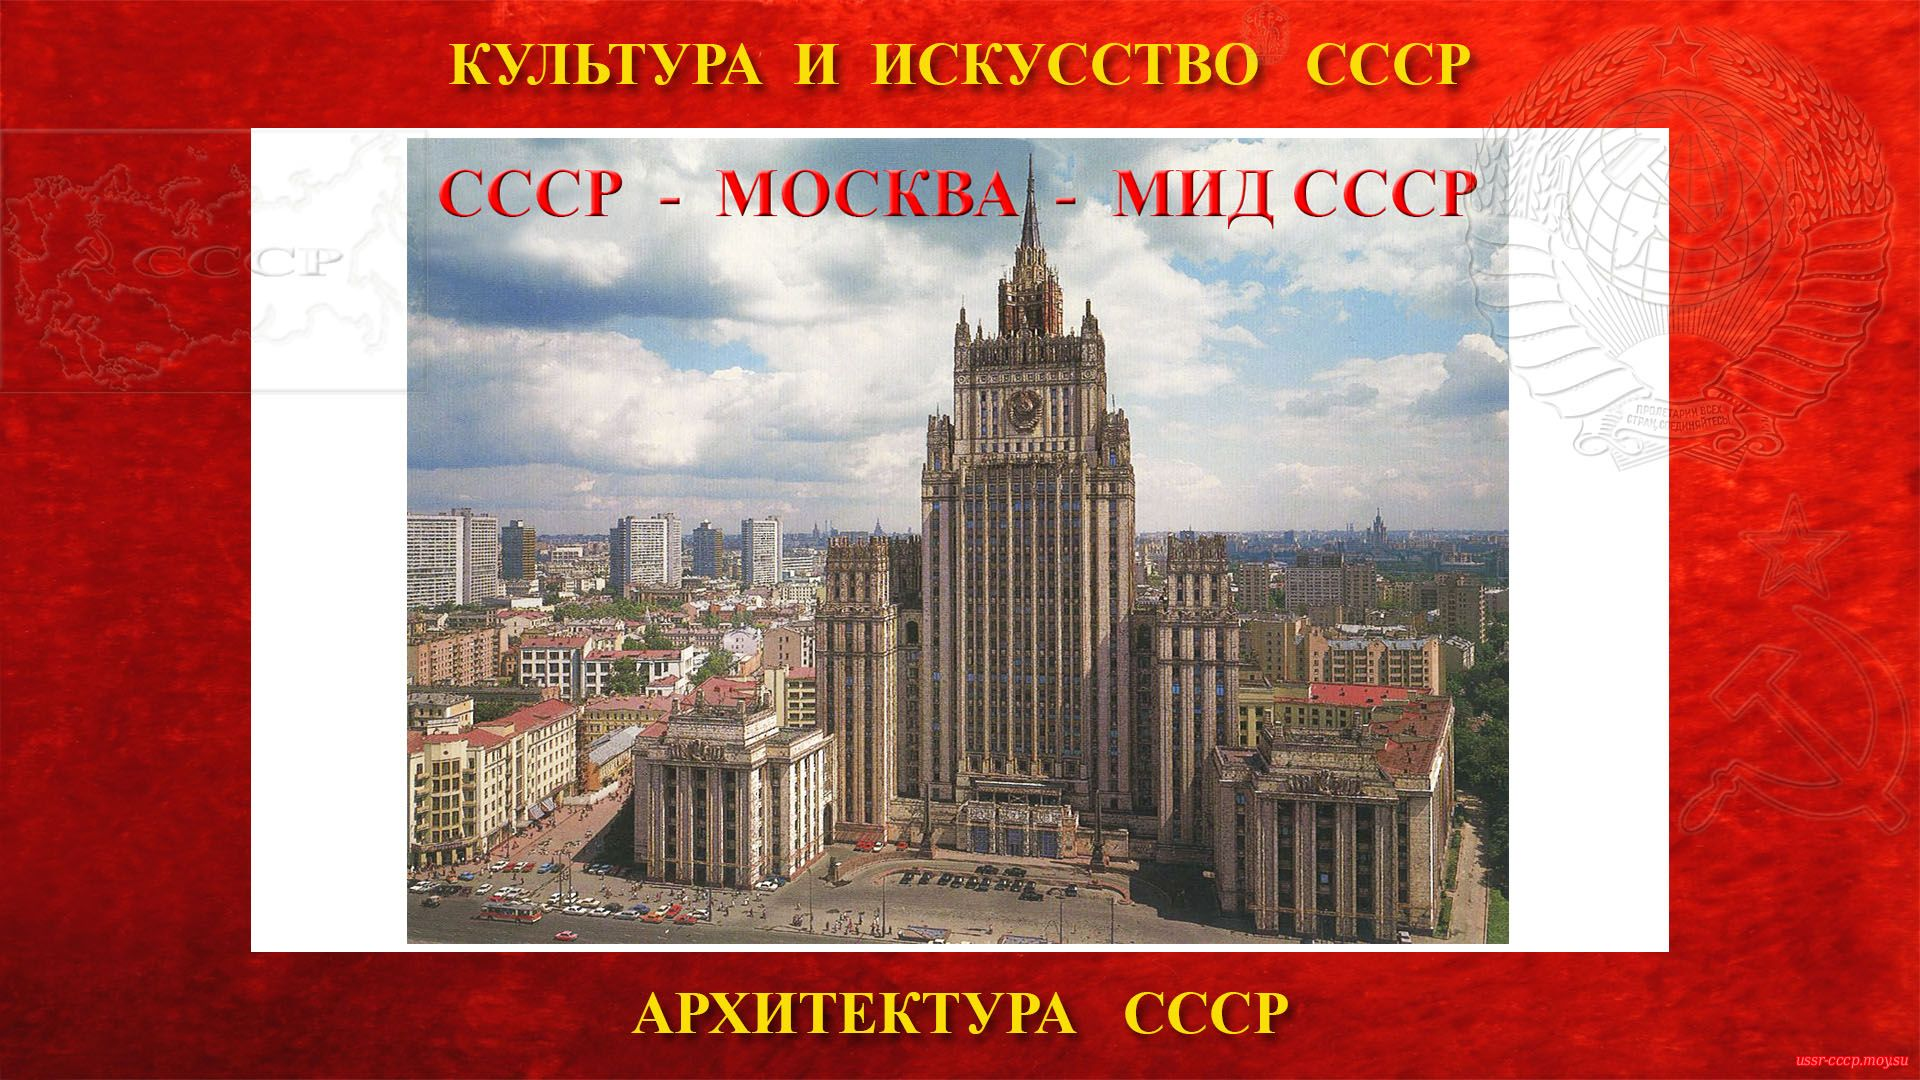 Членение в СССР — Вид декоративного приёма в архитектуре (повествование)